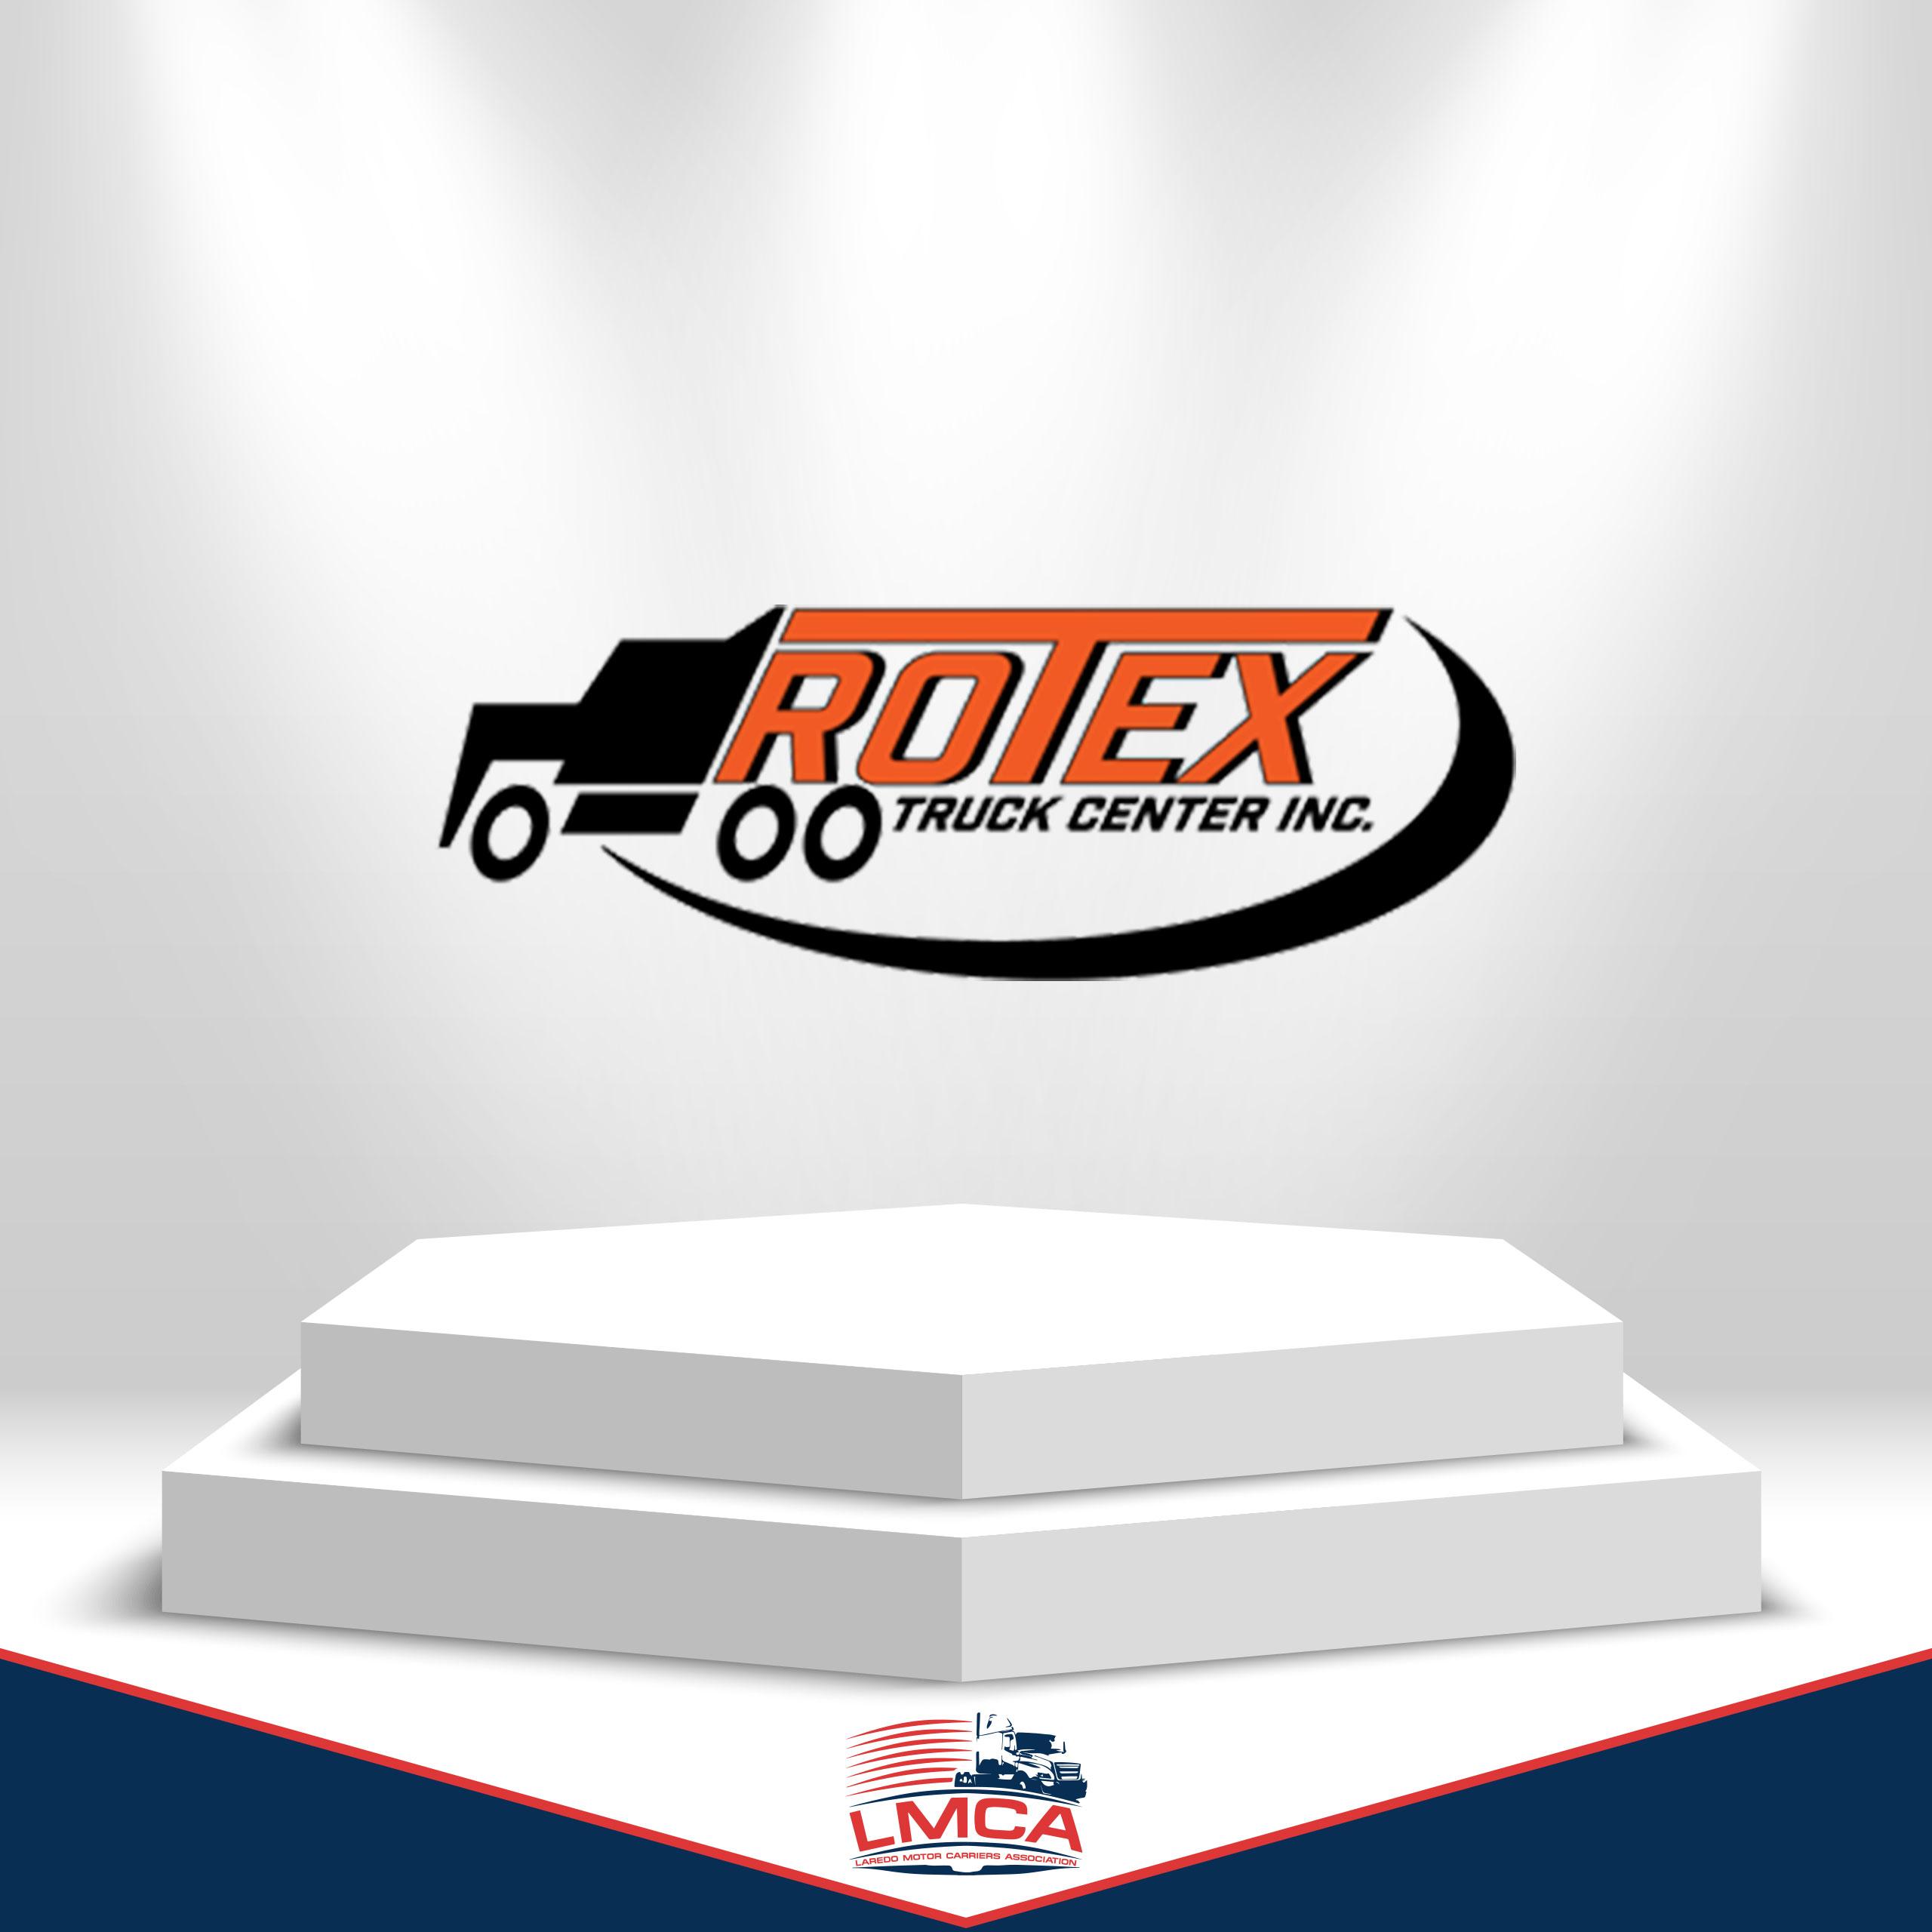 ROTEX-LMCA